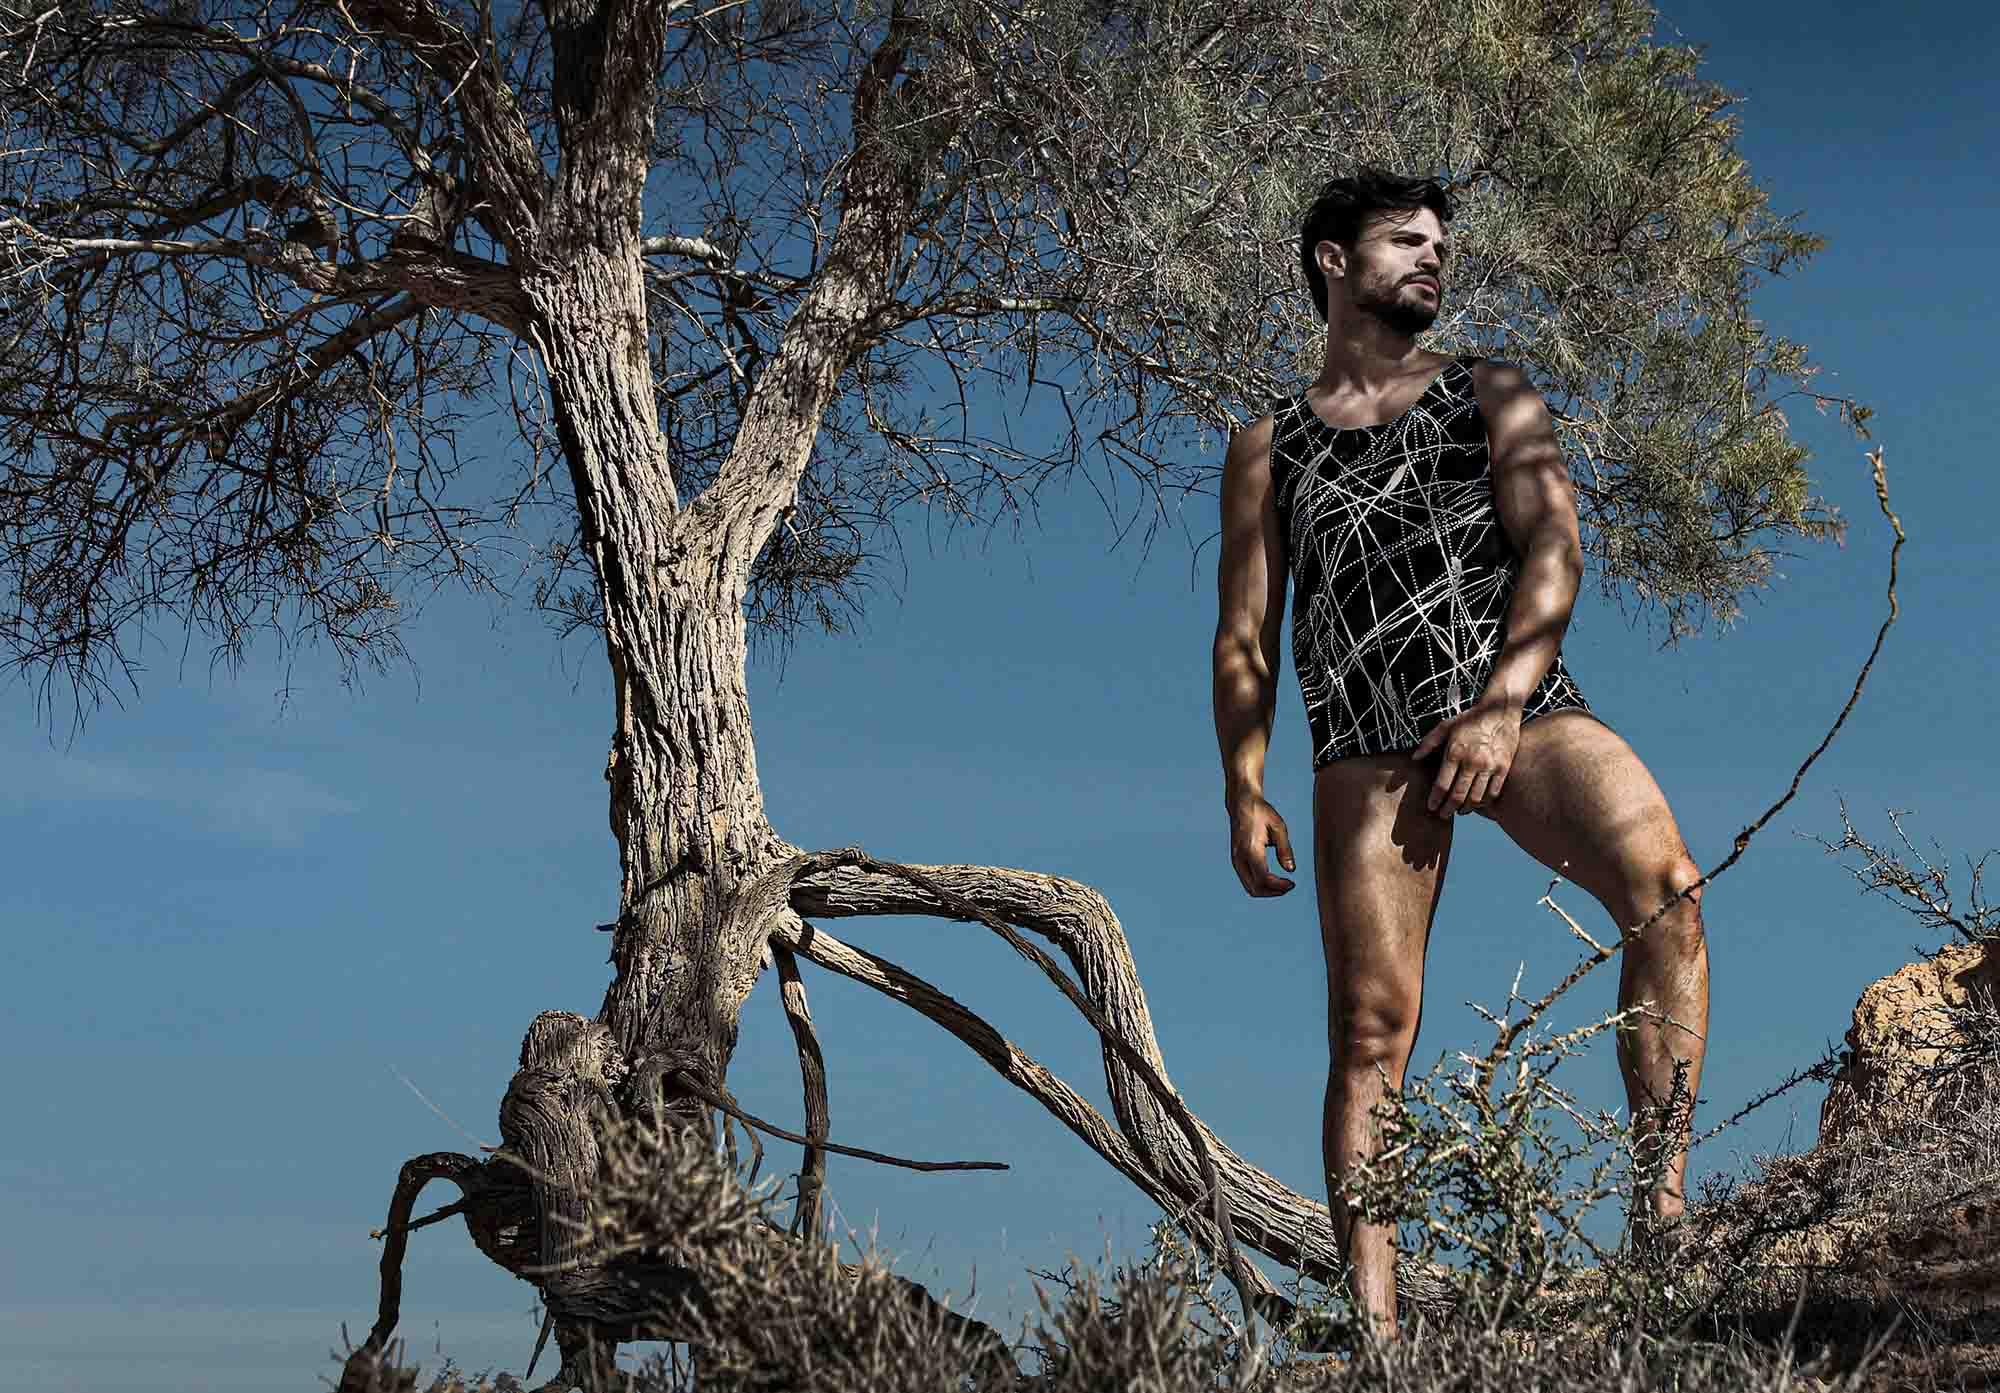 עדיאל אדרי, יואב מאיר, מגזין אופנה, כתבות אופנה, חדשות אופנה - 11